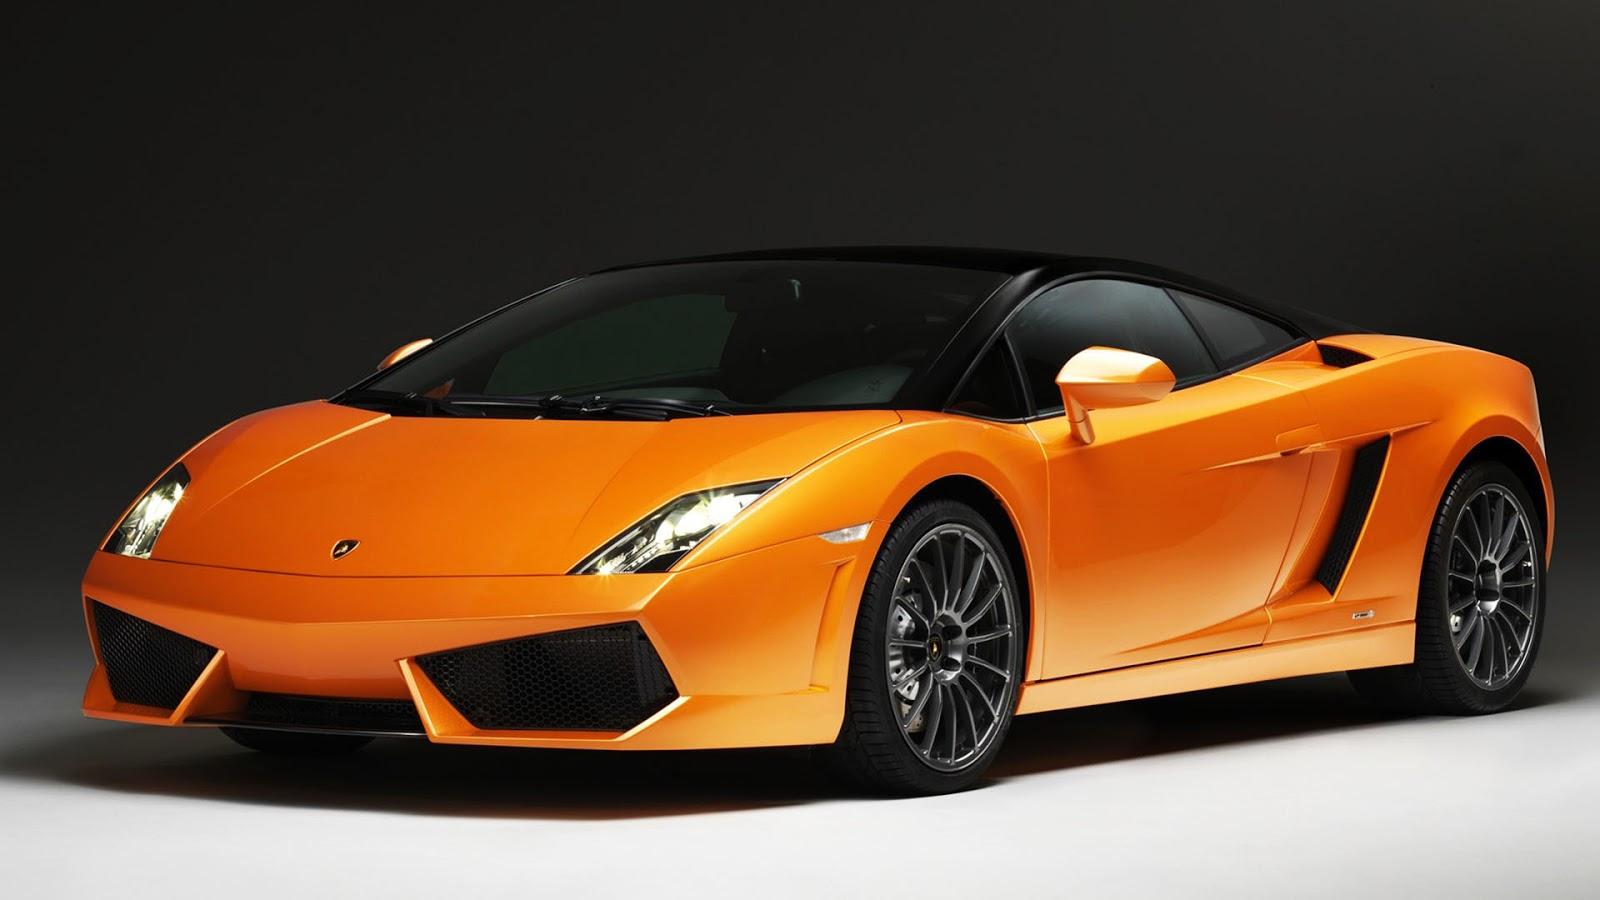 2016 Lamborghini Gallardo Wallpaper